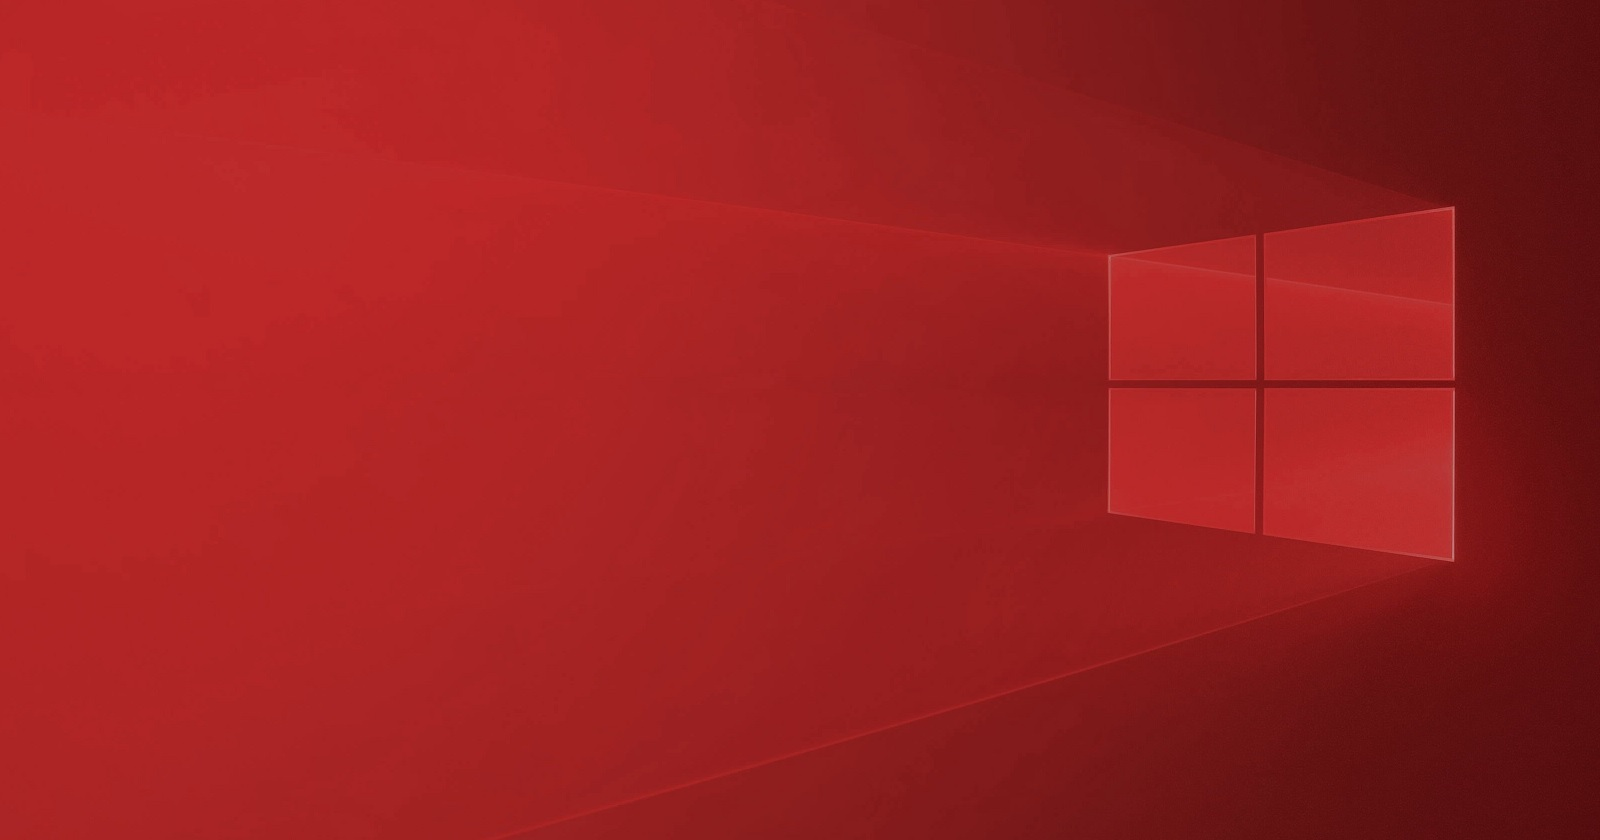 Windows 10 удалит поддержку Flash-видео с обновлением системы